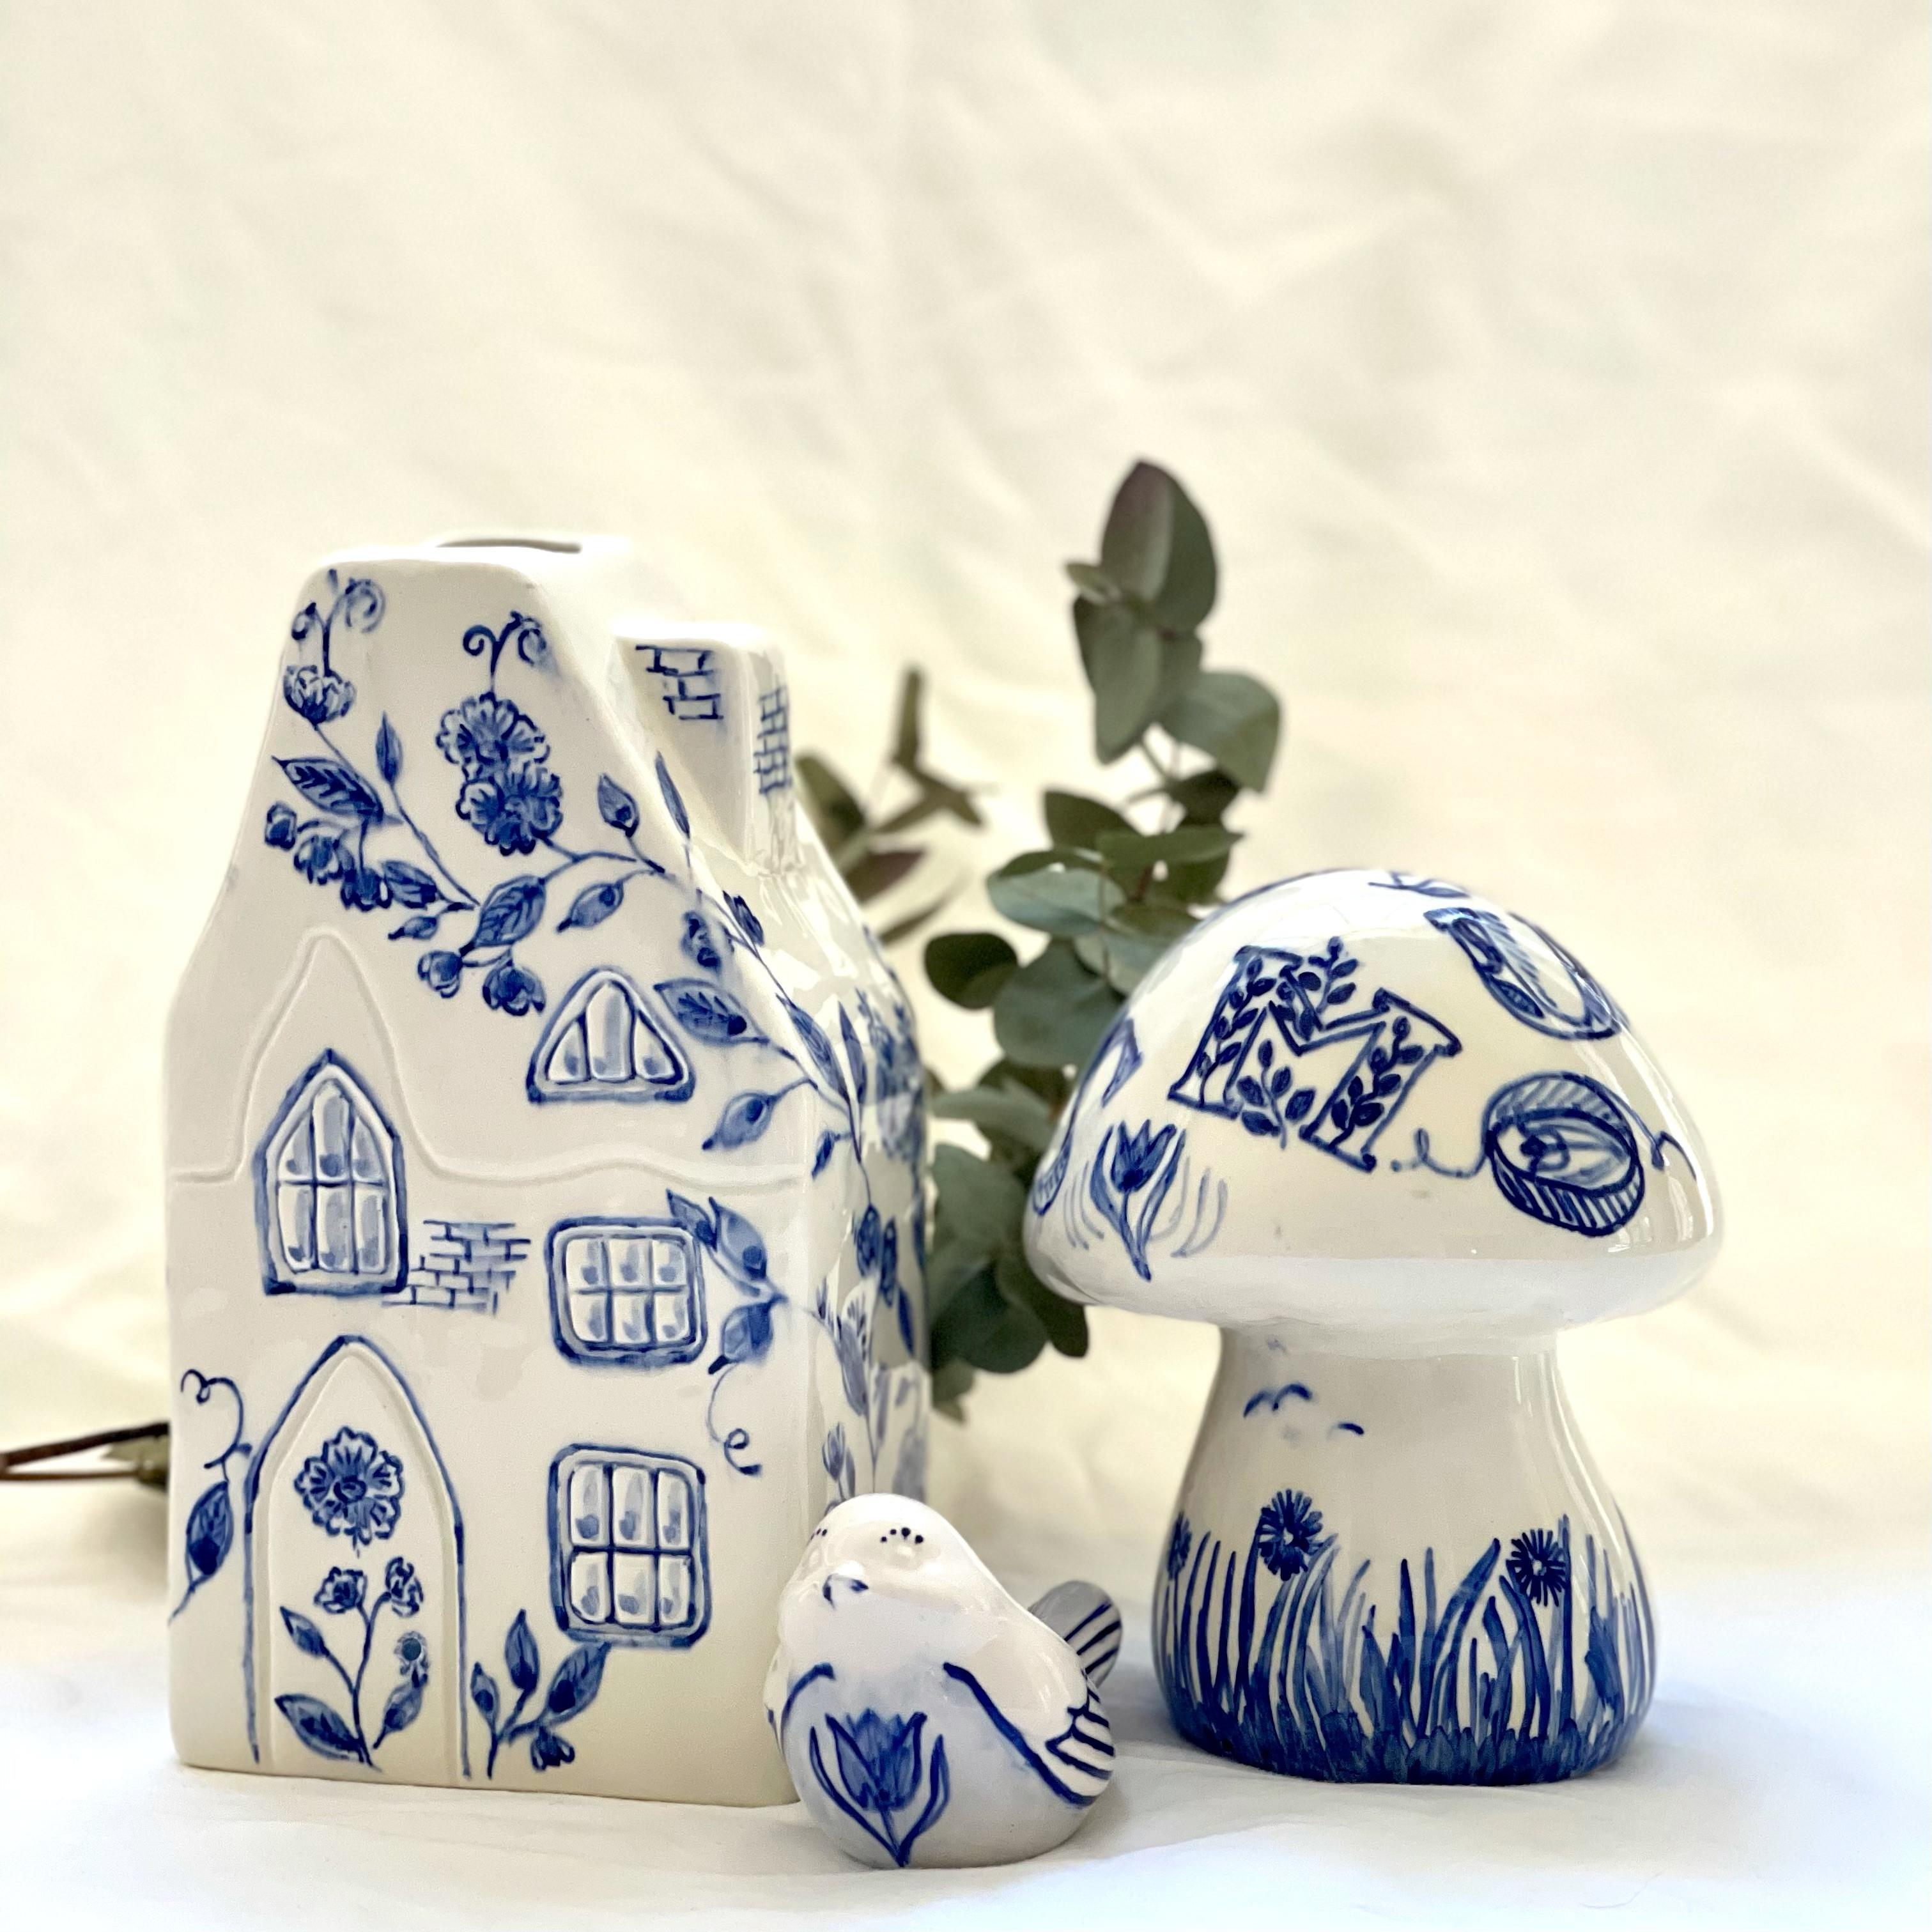 Workshop Paint Your Delft Blue Planter